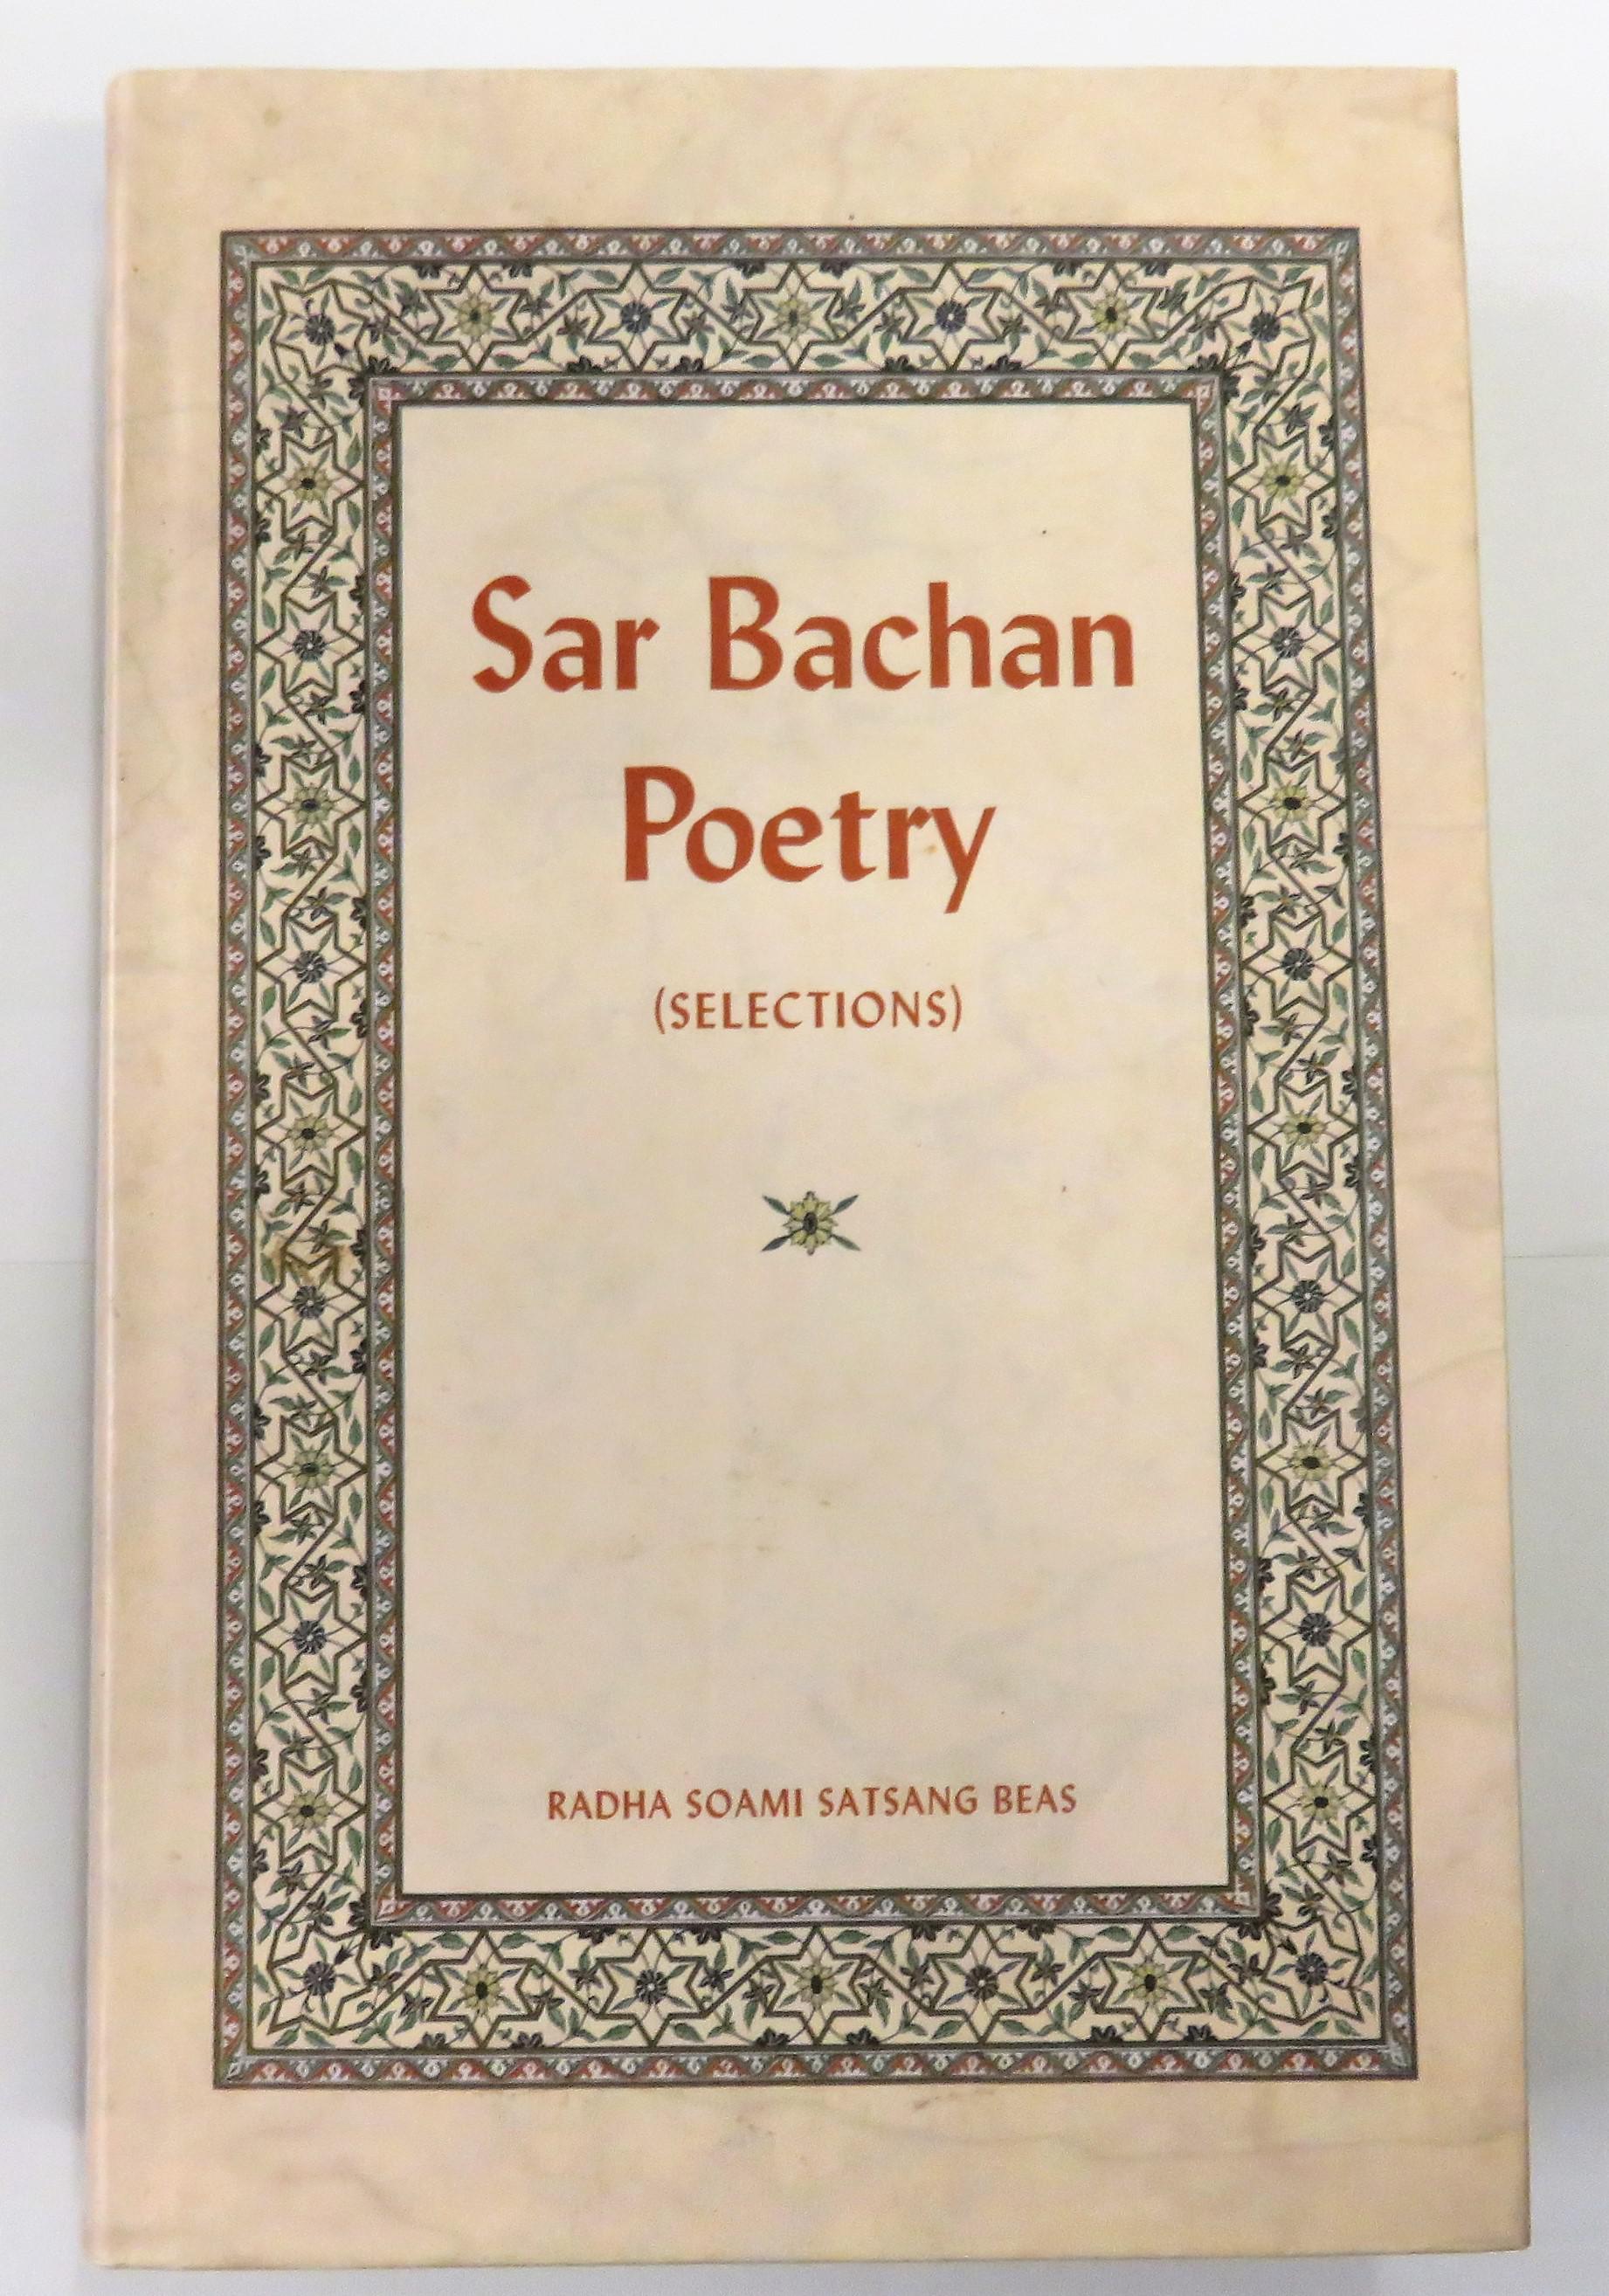 Sar Bachan Poetry (Selections)